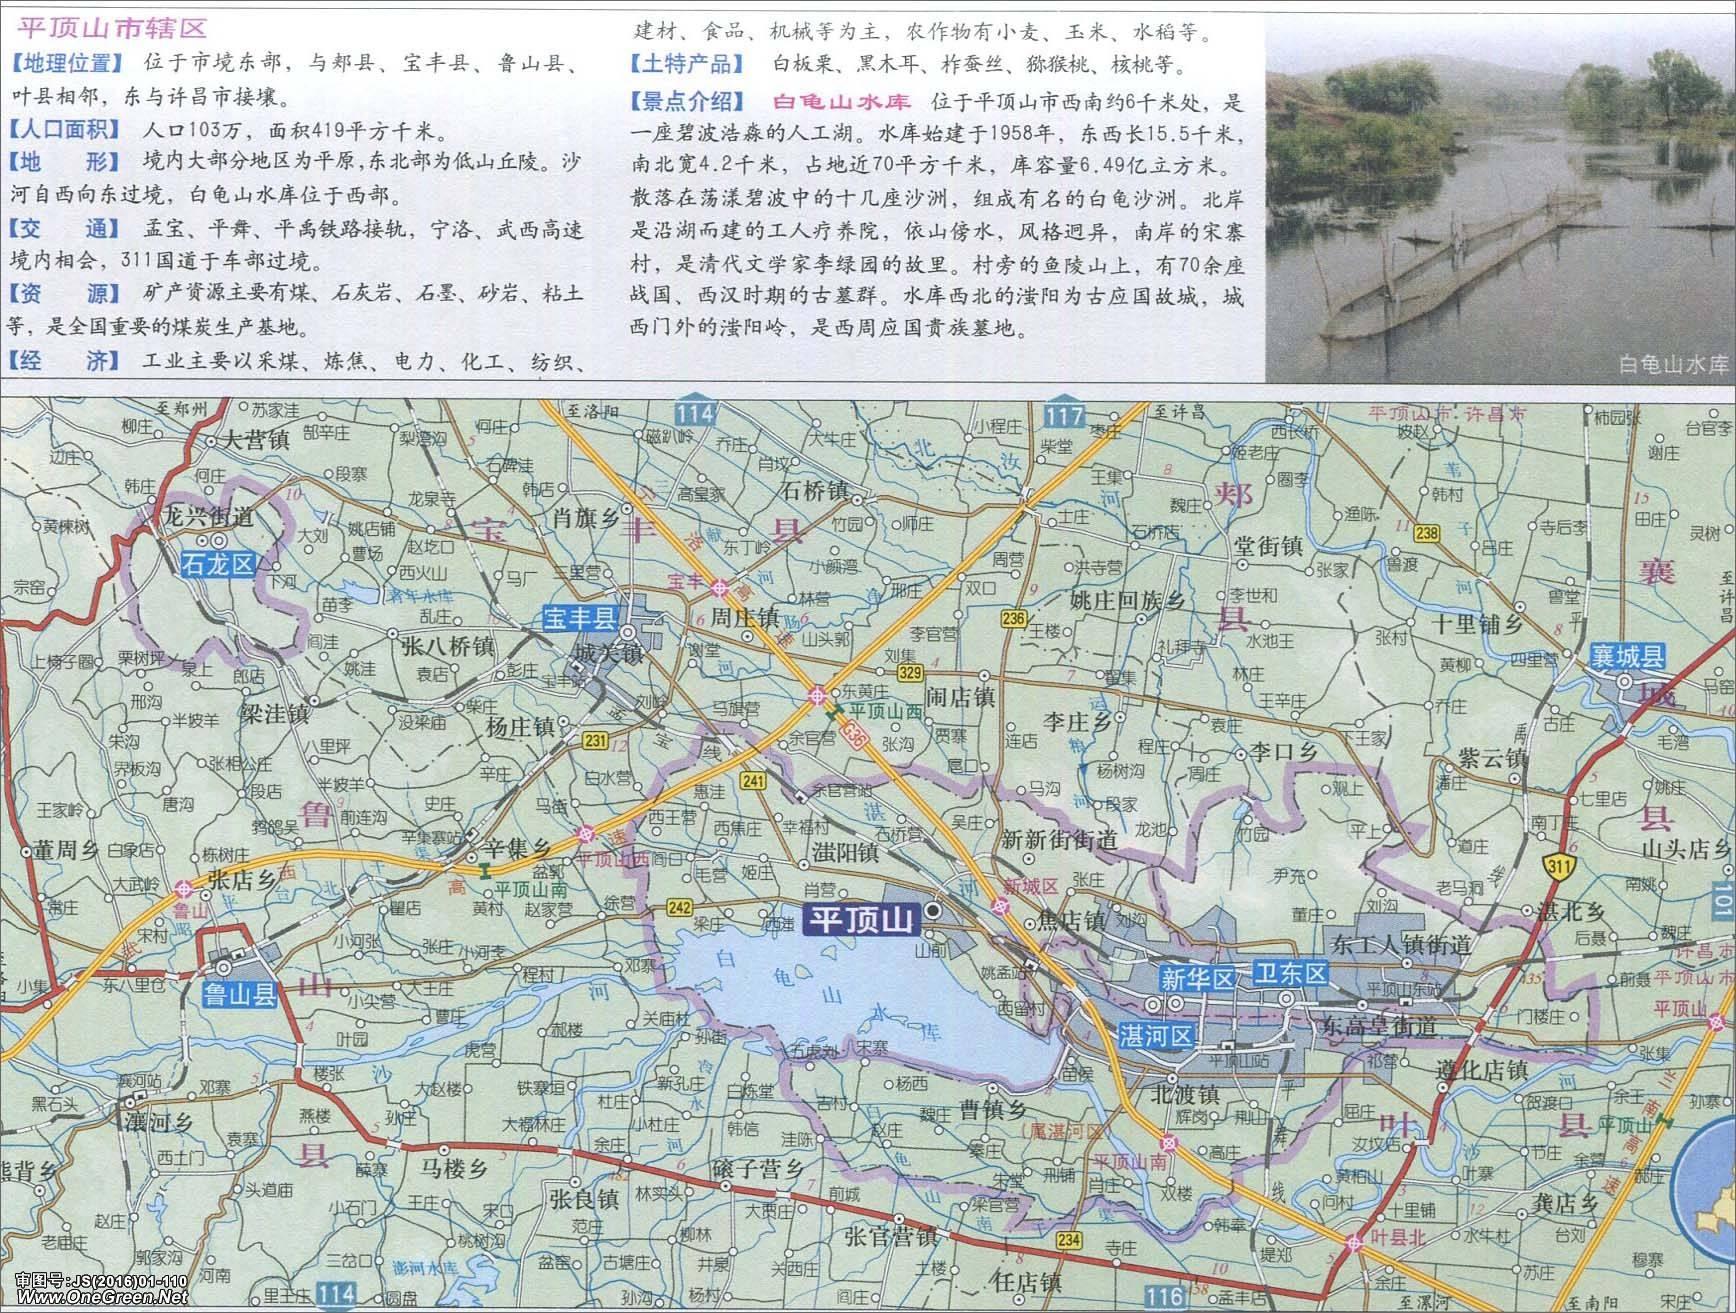 东区 湛河区 石龙区地图图片